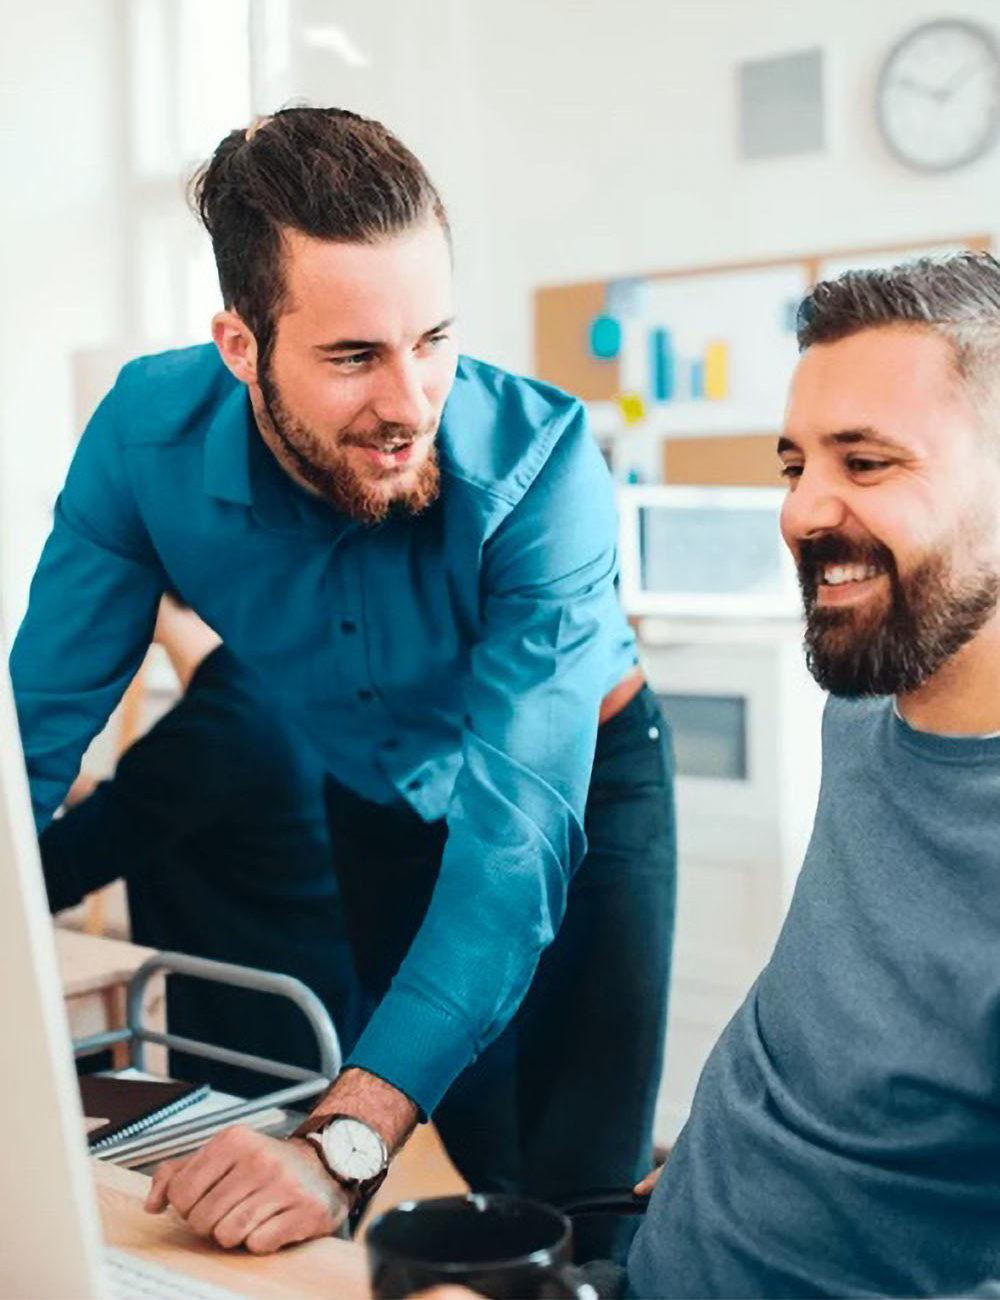 Kollege zeigt neue HR Software